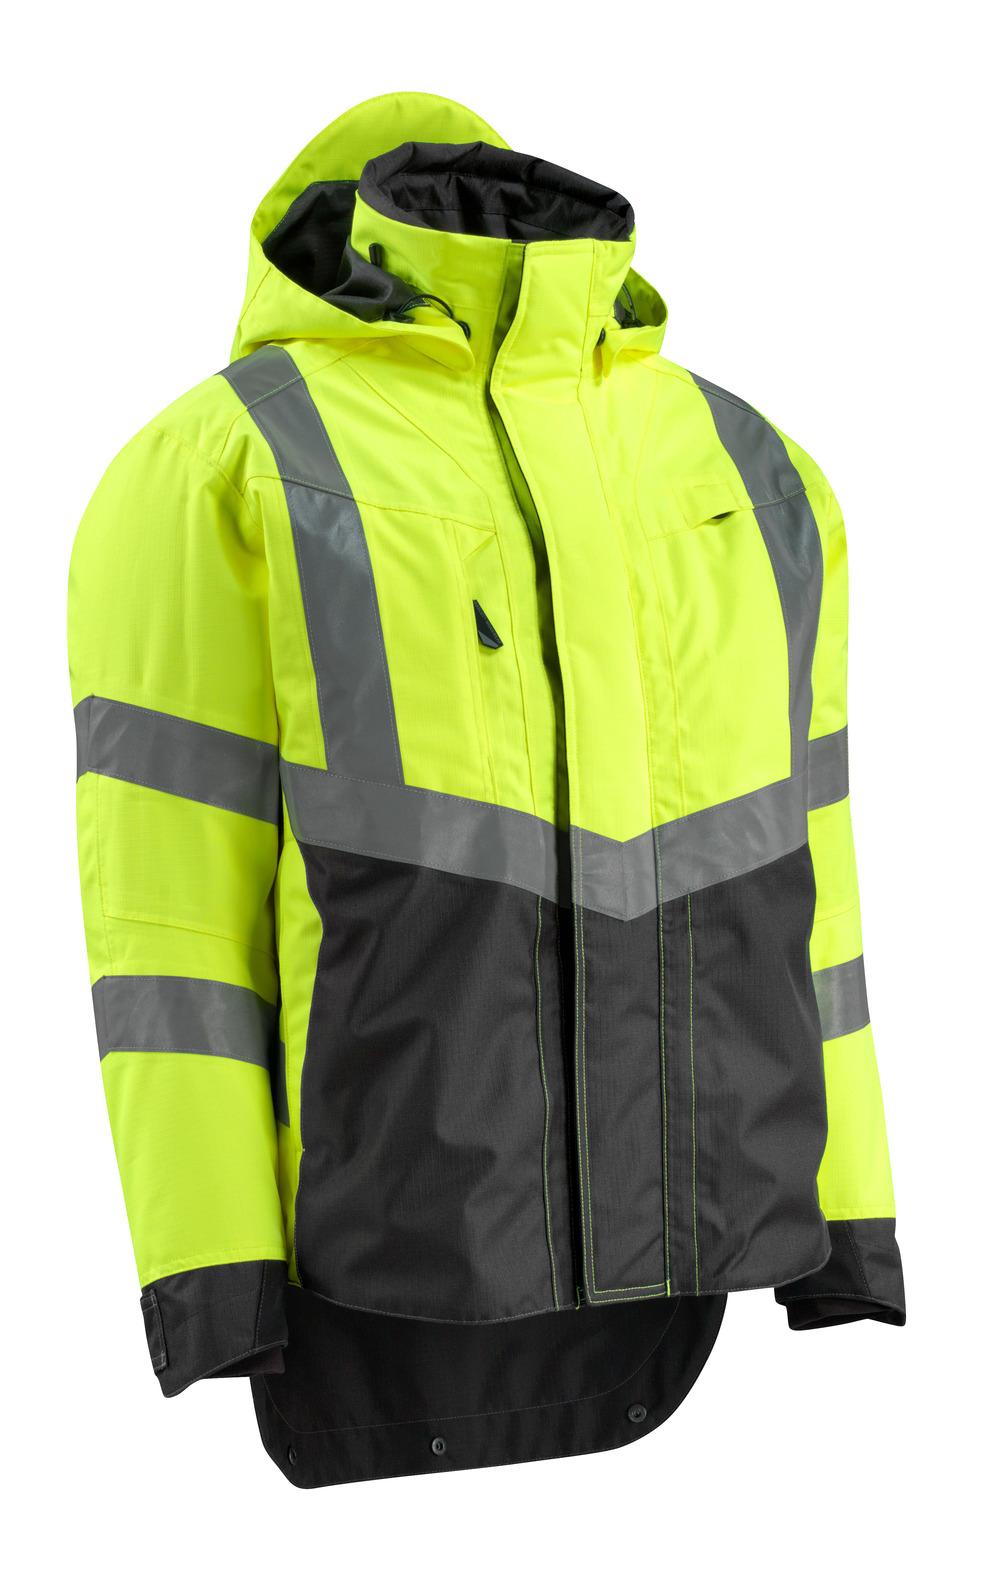 146fb141 Regntøj til arbejde og fritid – De bedste regnsæt fra MASCOT!